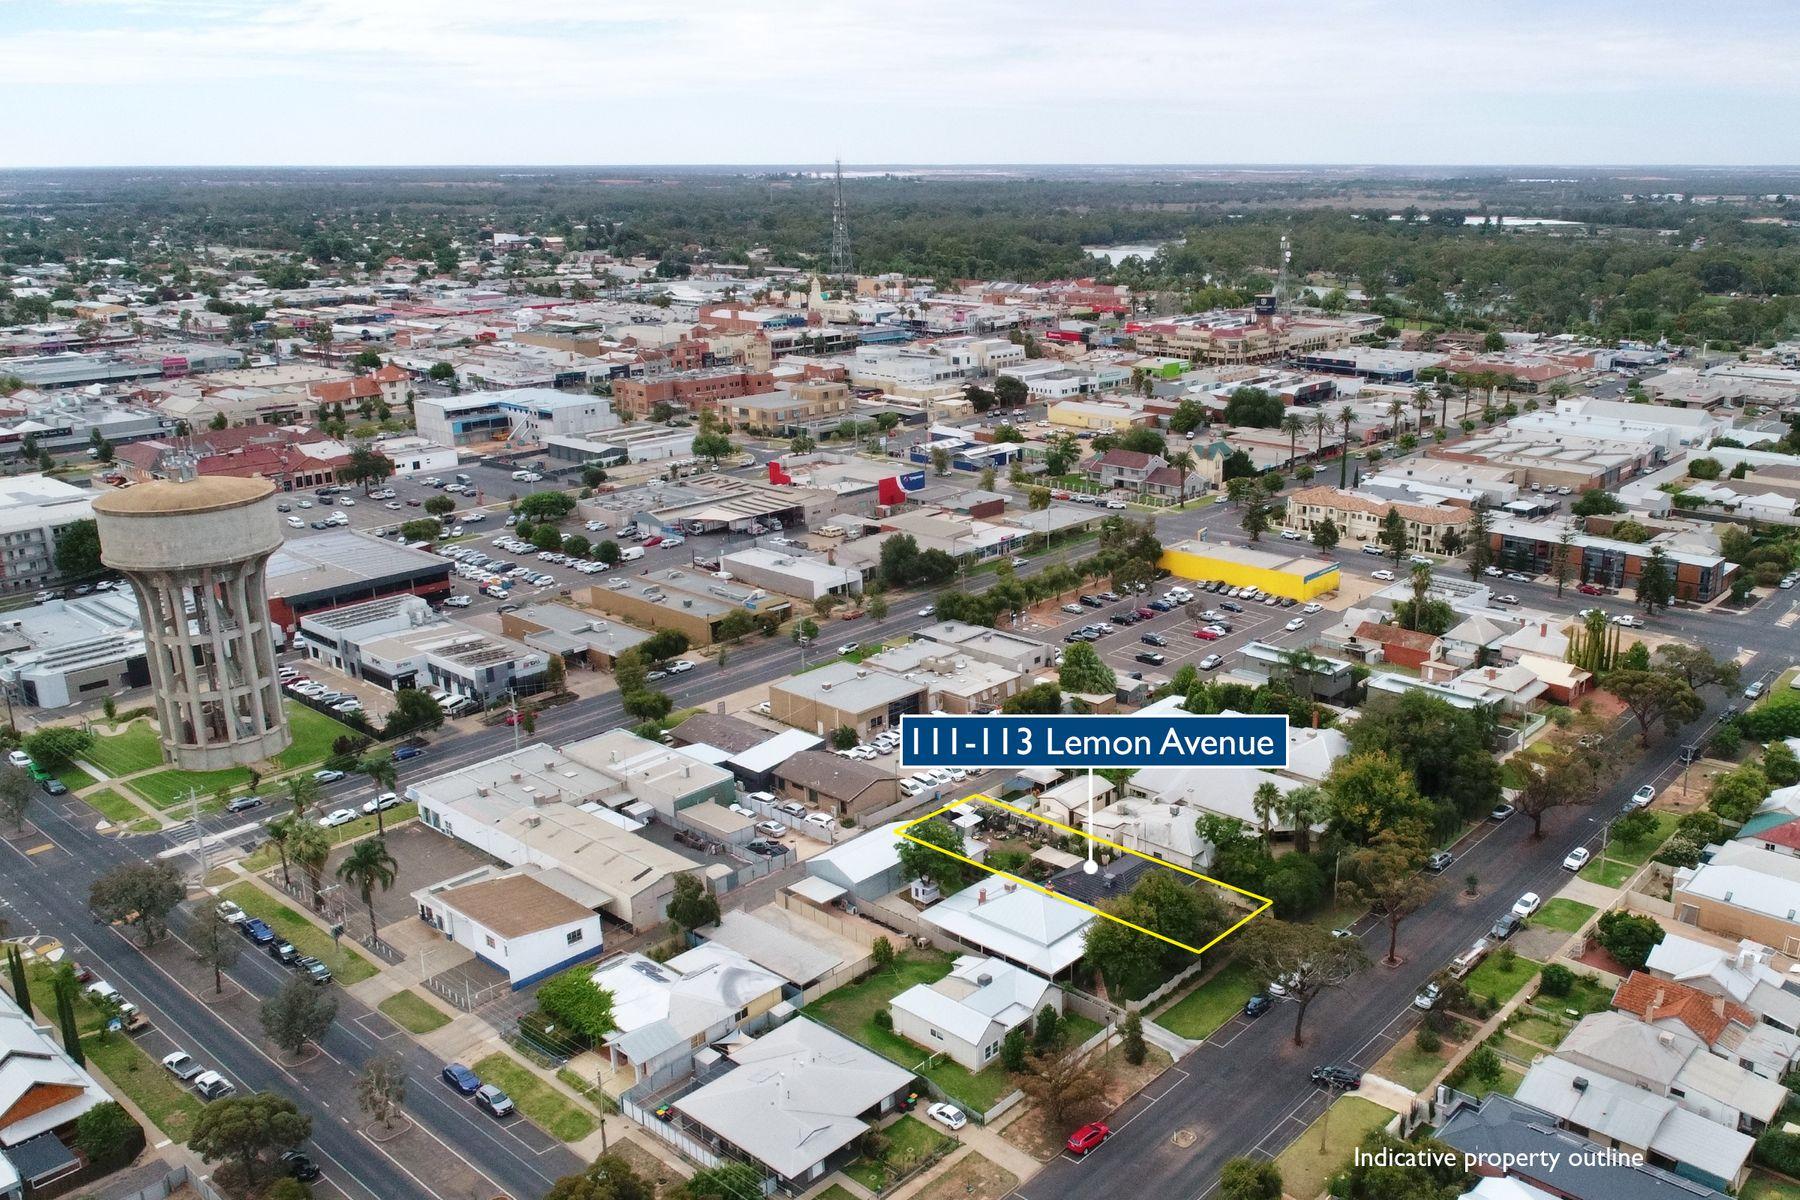 111-113 Lemon Avenue, Mildura, VIC 3500